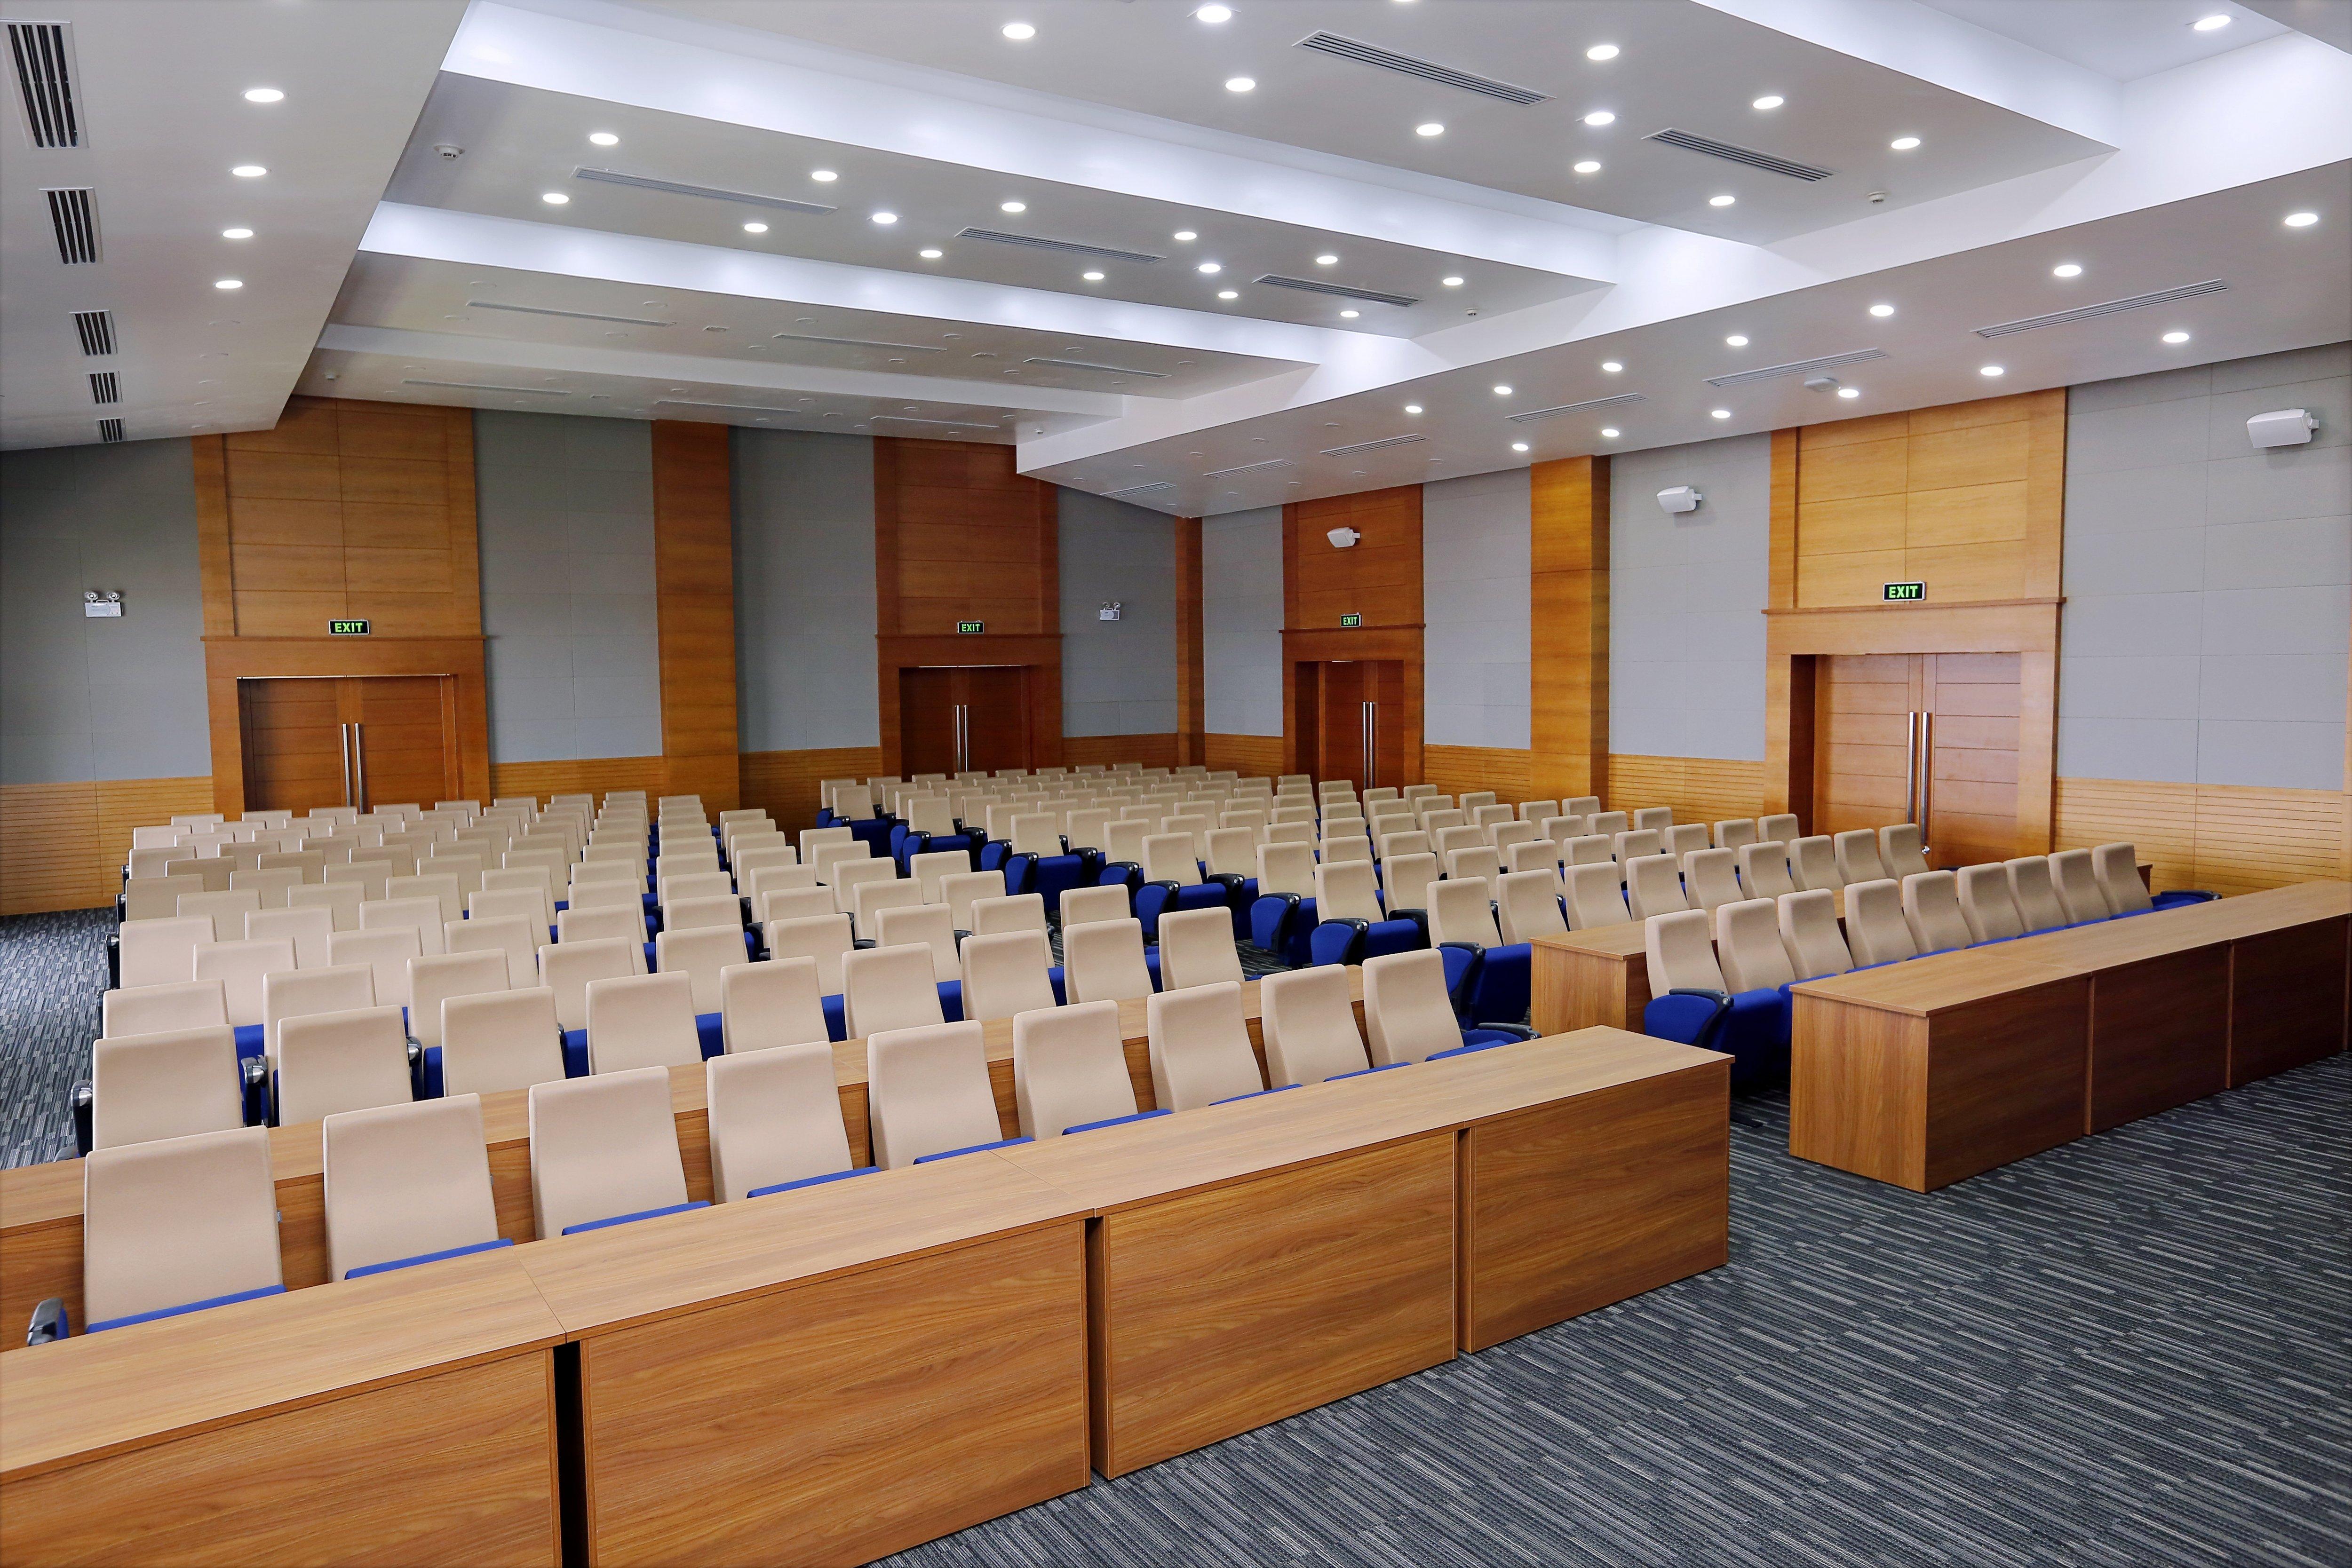 Đánh số ghế hội trường giúp việc thay thế, sửa chữa dễ dàng